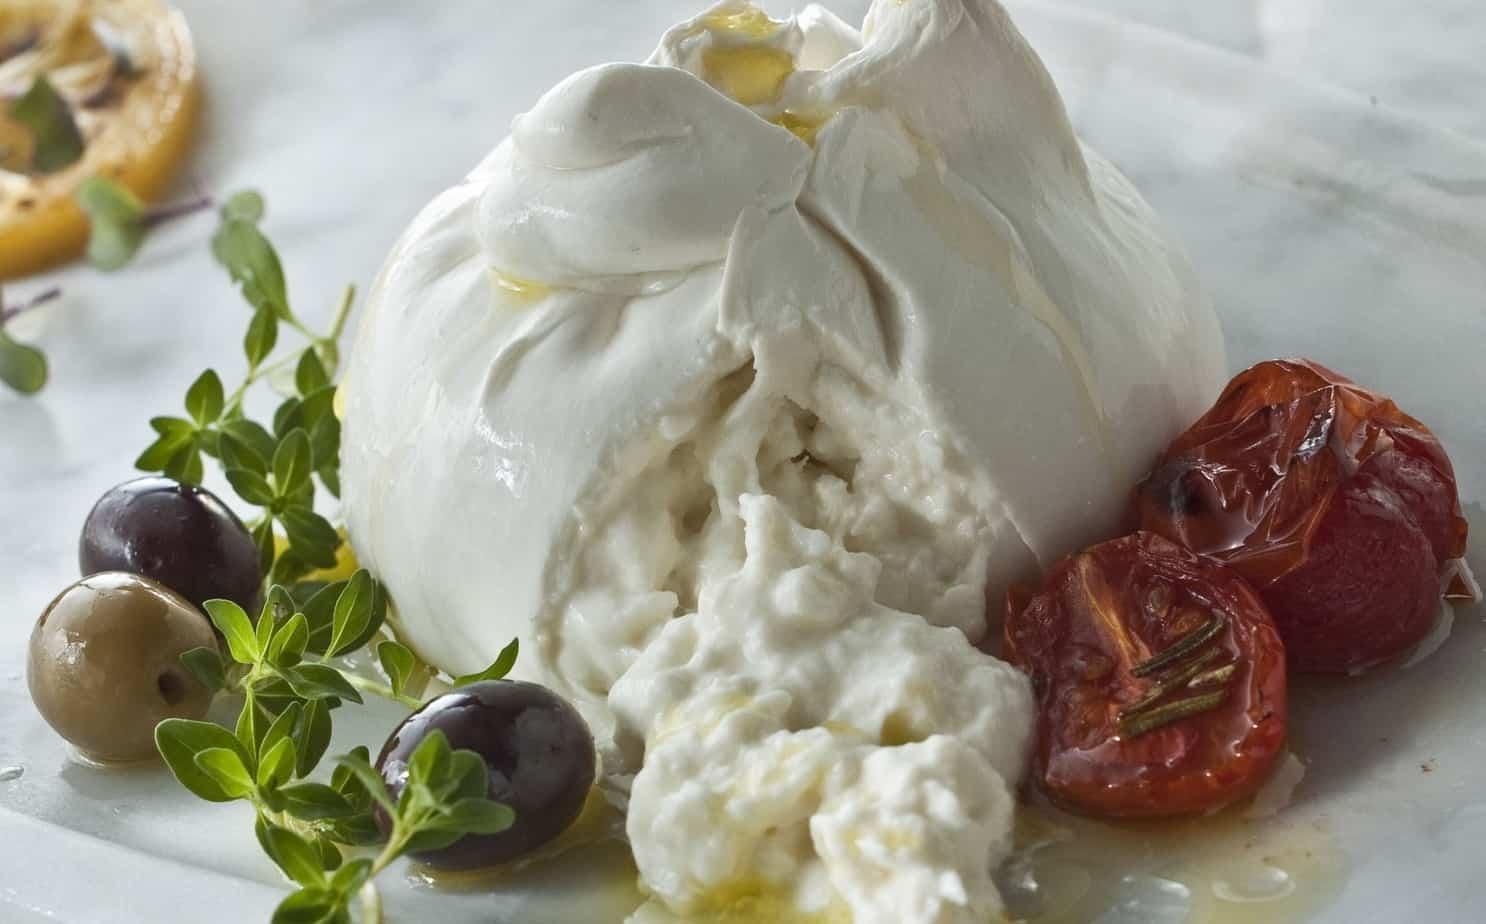 specialita-casearia-formaggio-stracciatella-monti-latteria-sorrentina-1880